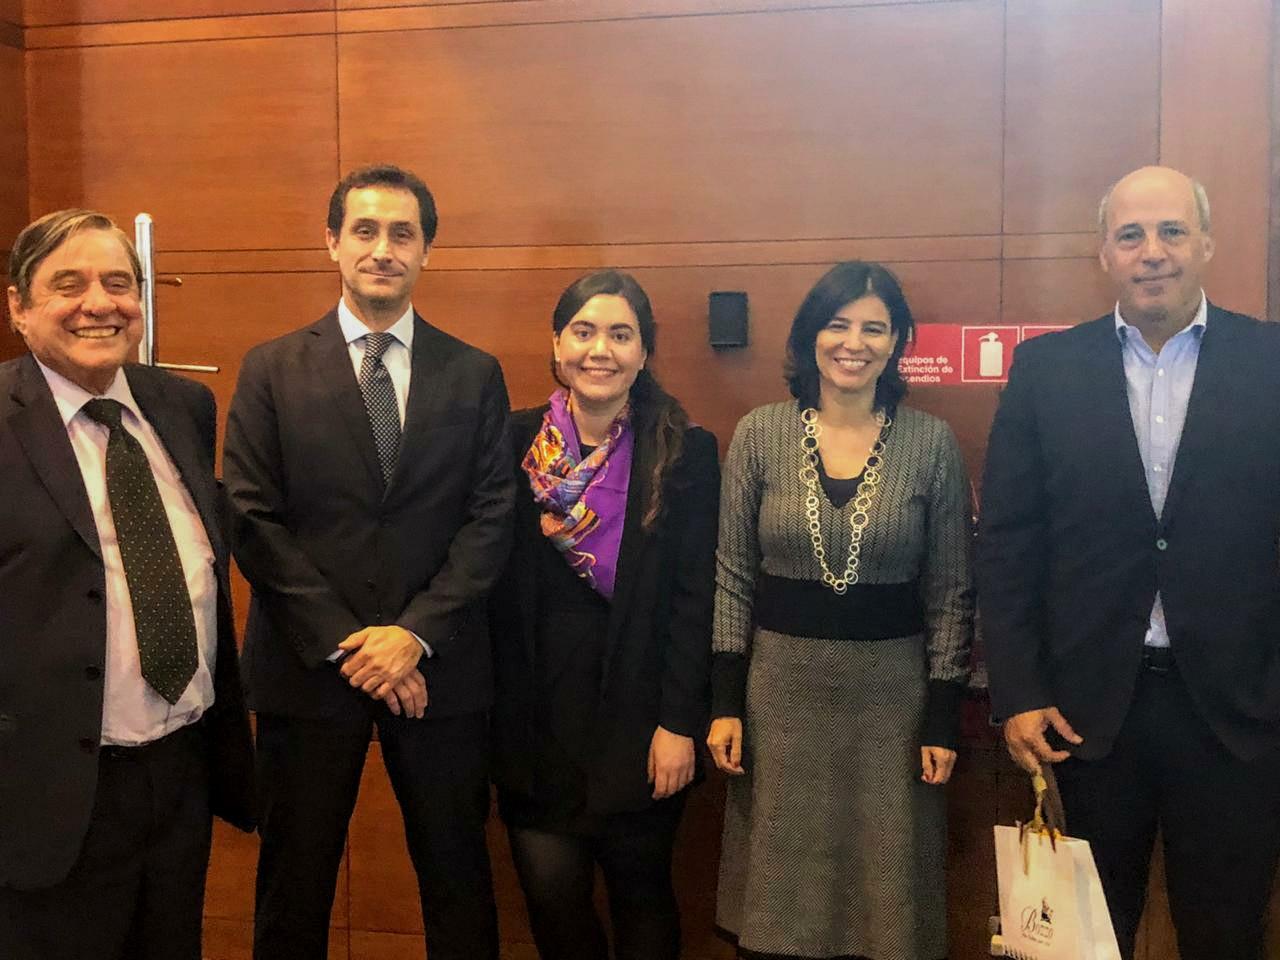 Mesa Redonda en Chile sobre Caducidad de Marca